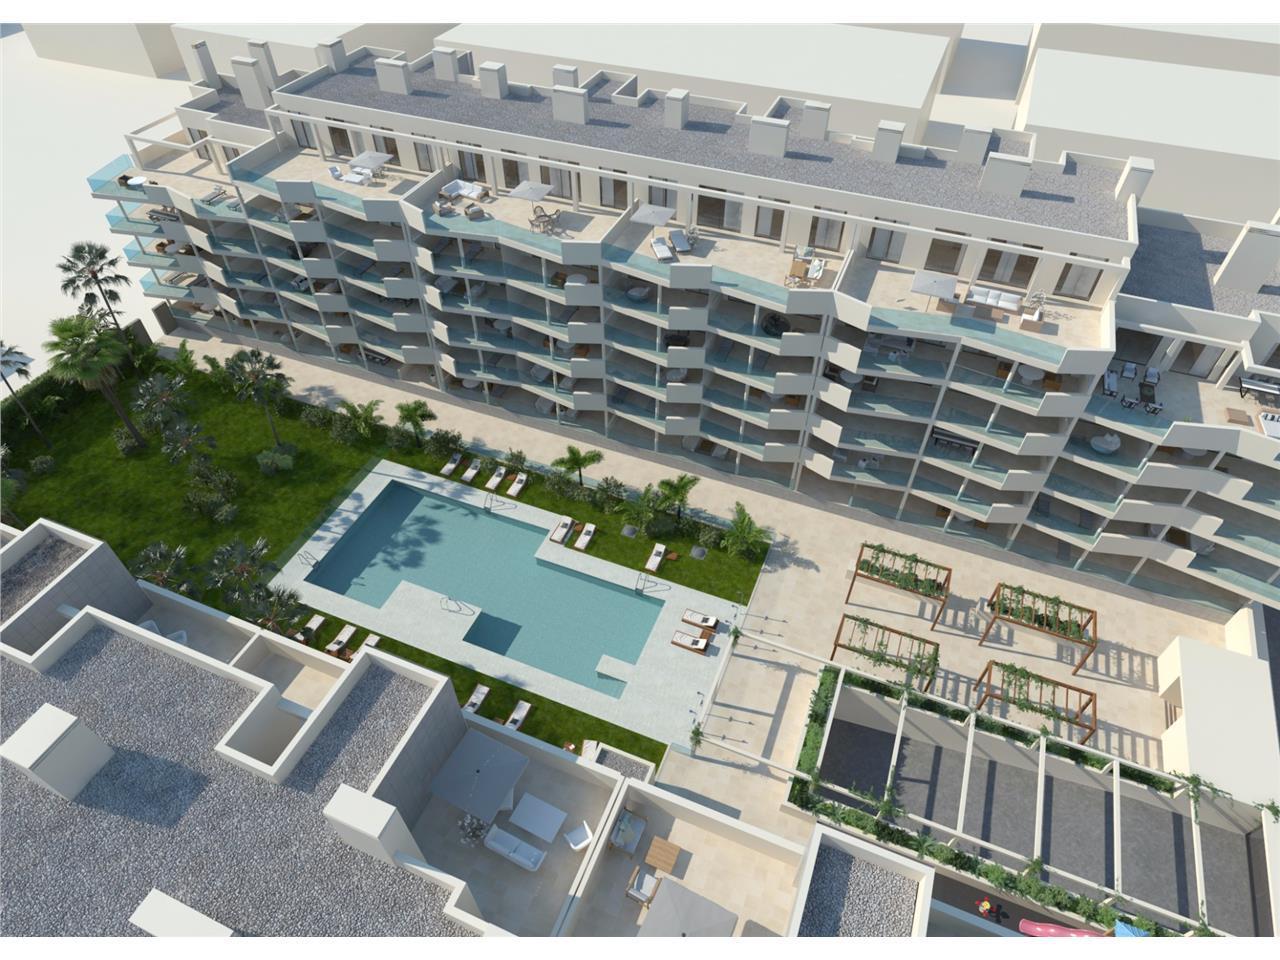 67675224 2076342 foto 446382 - La compra de la vivienda sobre plano vuelve a ser la inversión más acertada